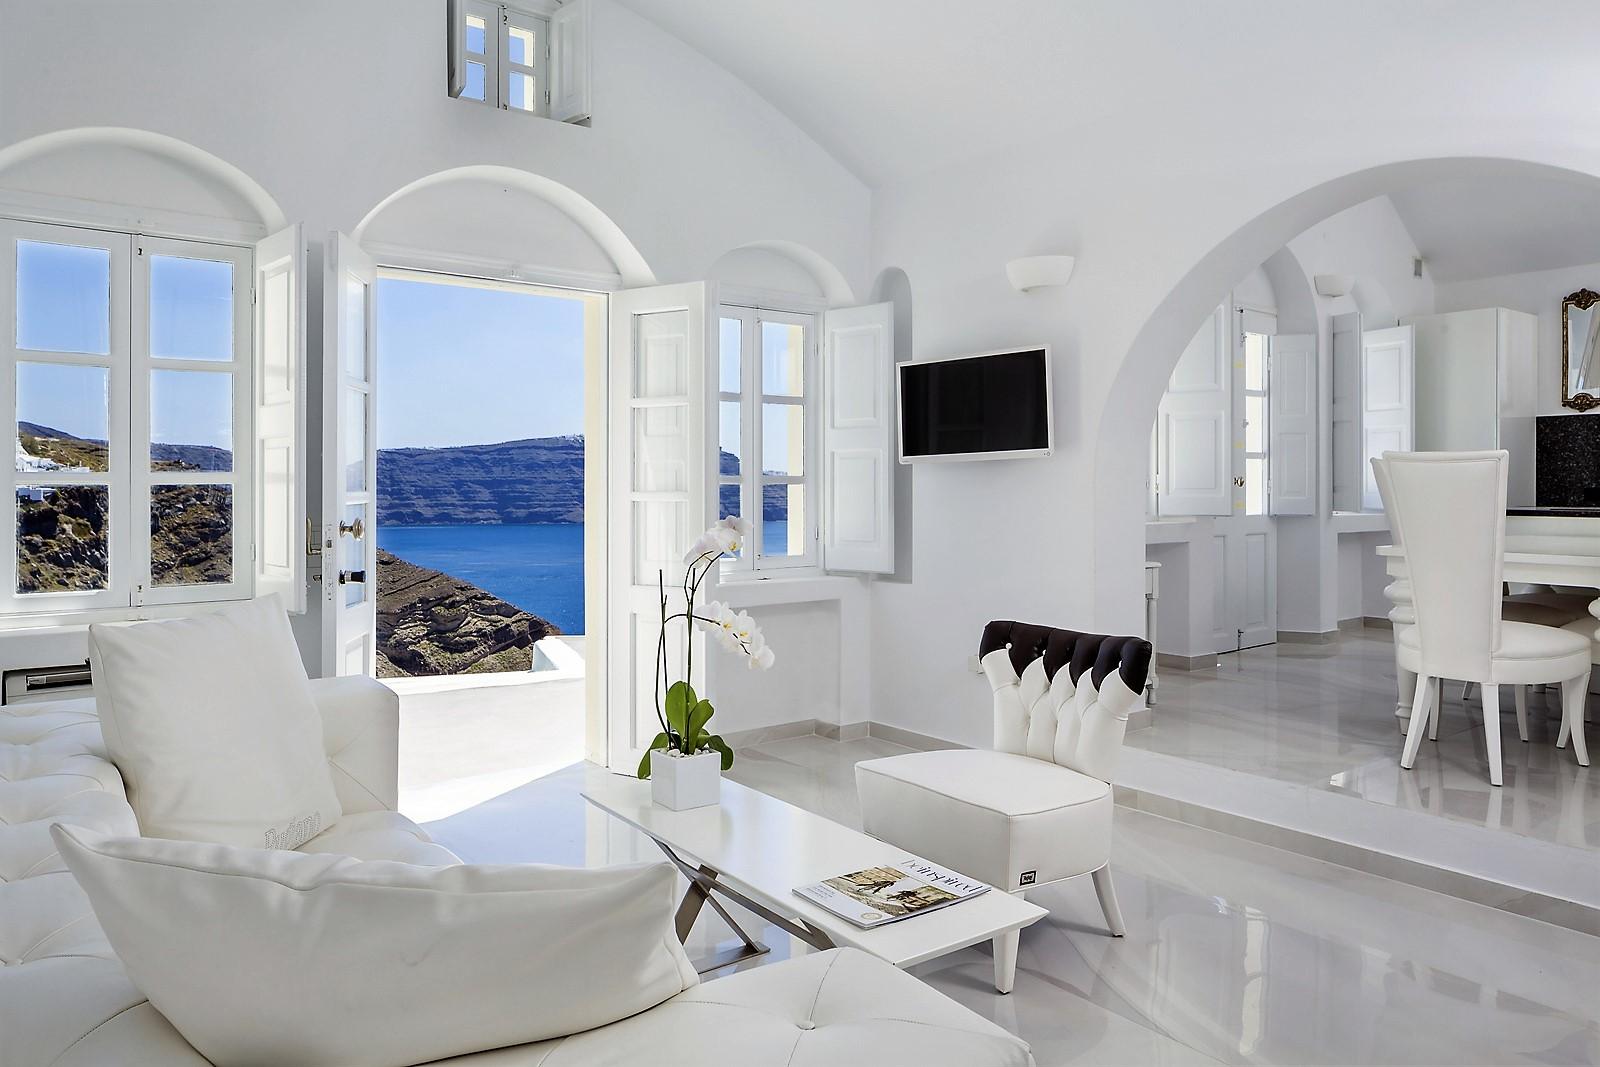 Grece Santorin Location Villa De Luxe Avec Vue Mer Et Piscine Privee